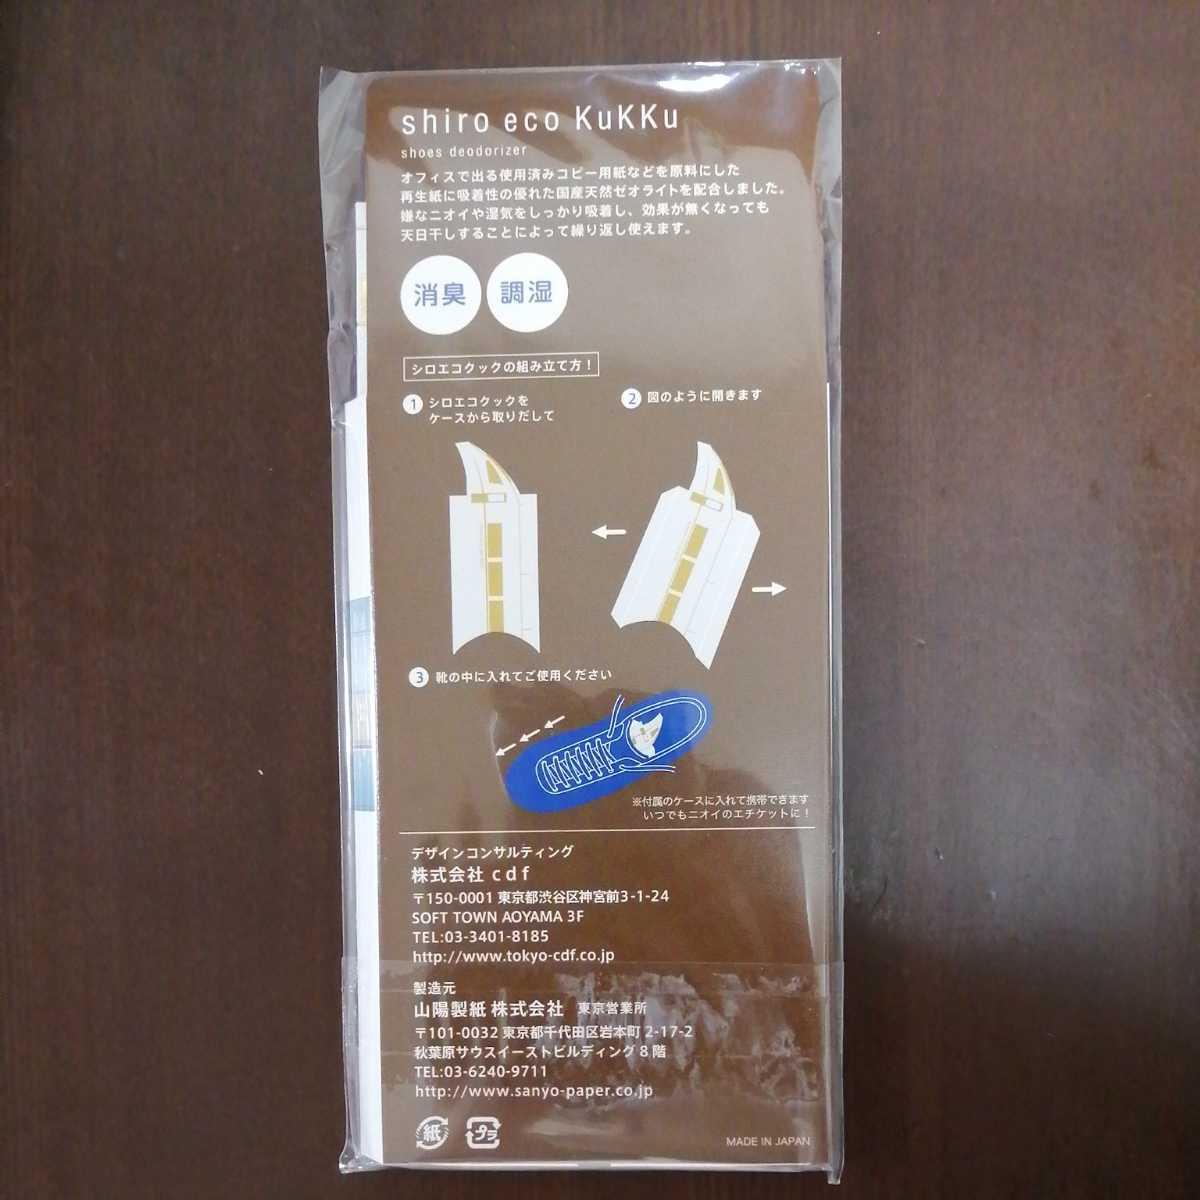 即決送料無料★小田急電鉄ロマンスカー巾着袋&MSE60000形靴消臭調湿シート 電車グッズ 鉄道コレクション